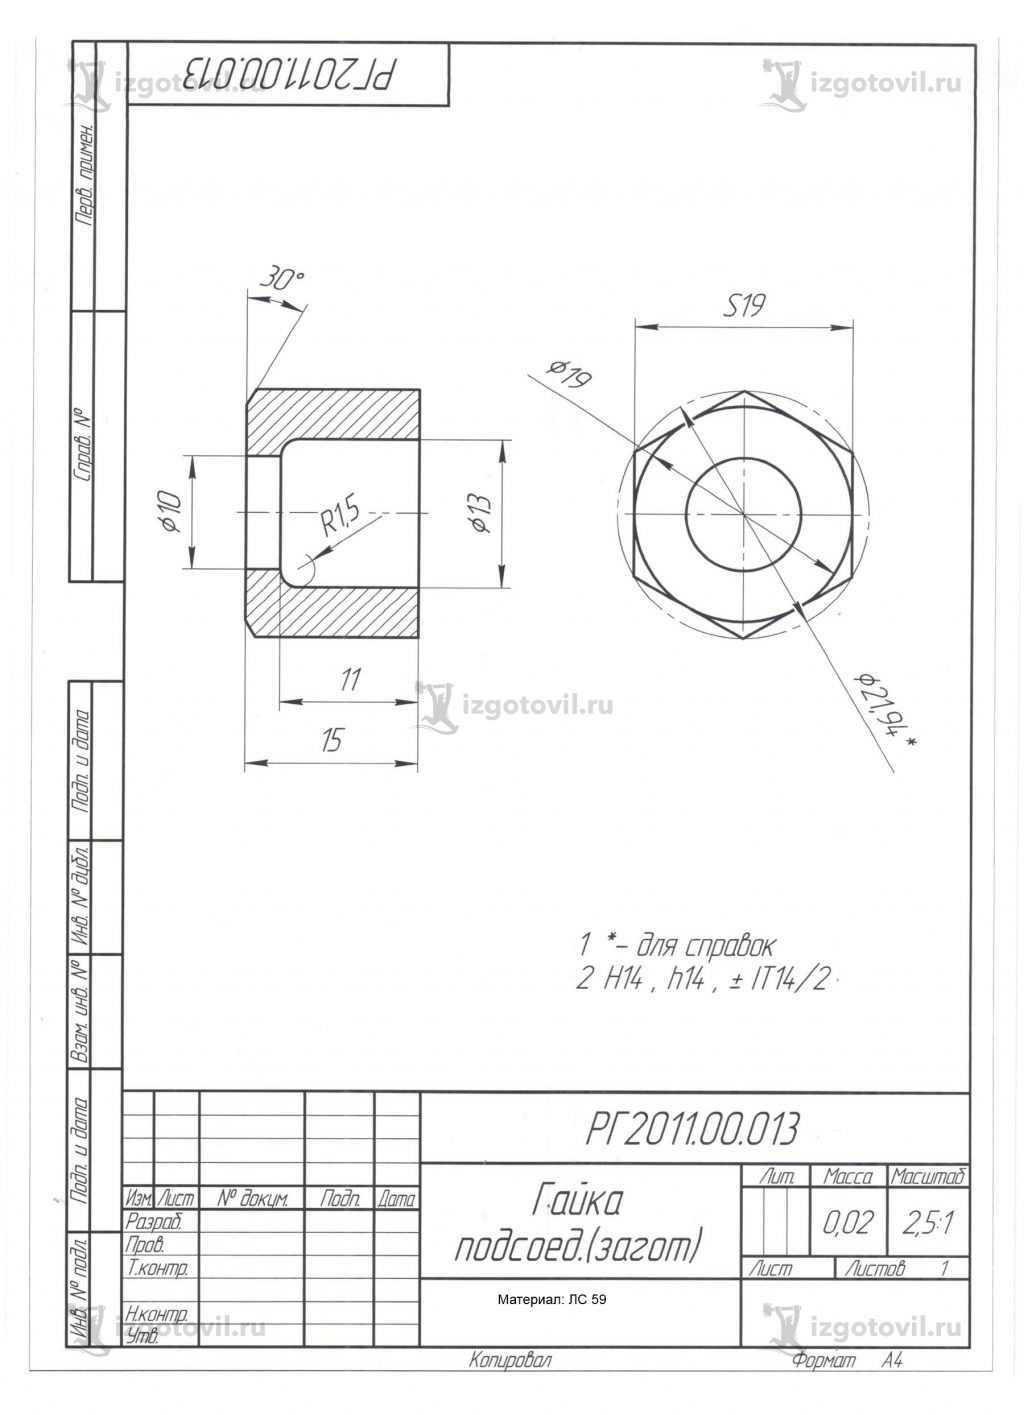 Токарная обработка ЧПУ: изготовление гайки и колец